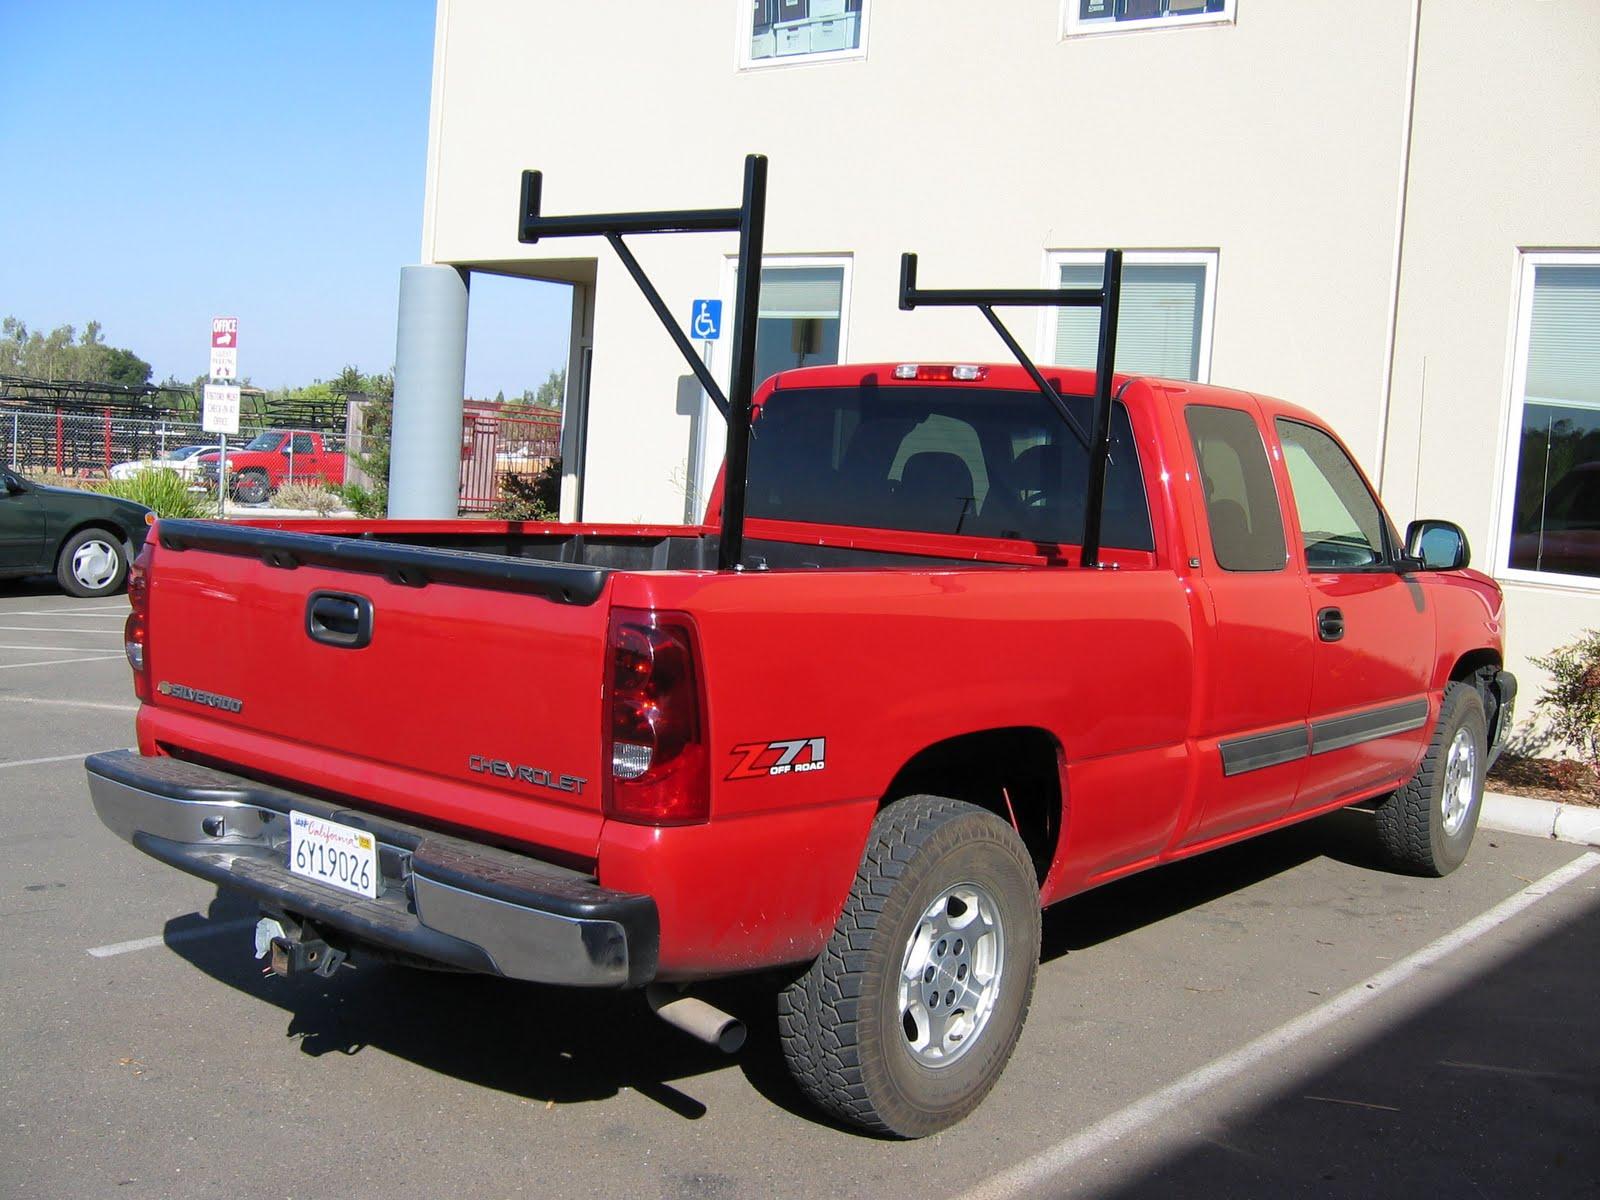 Rack-it Truck Racks: The Ladder Pro Rack